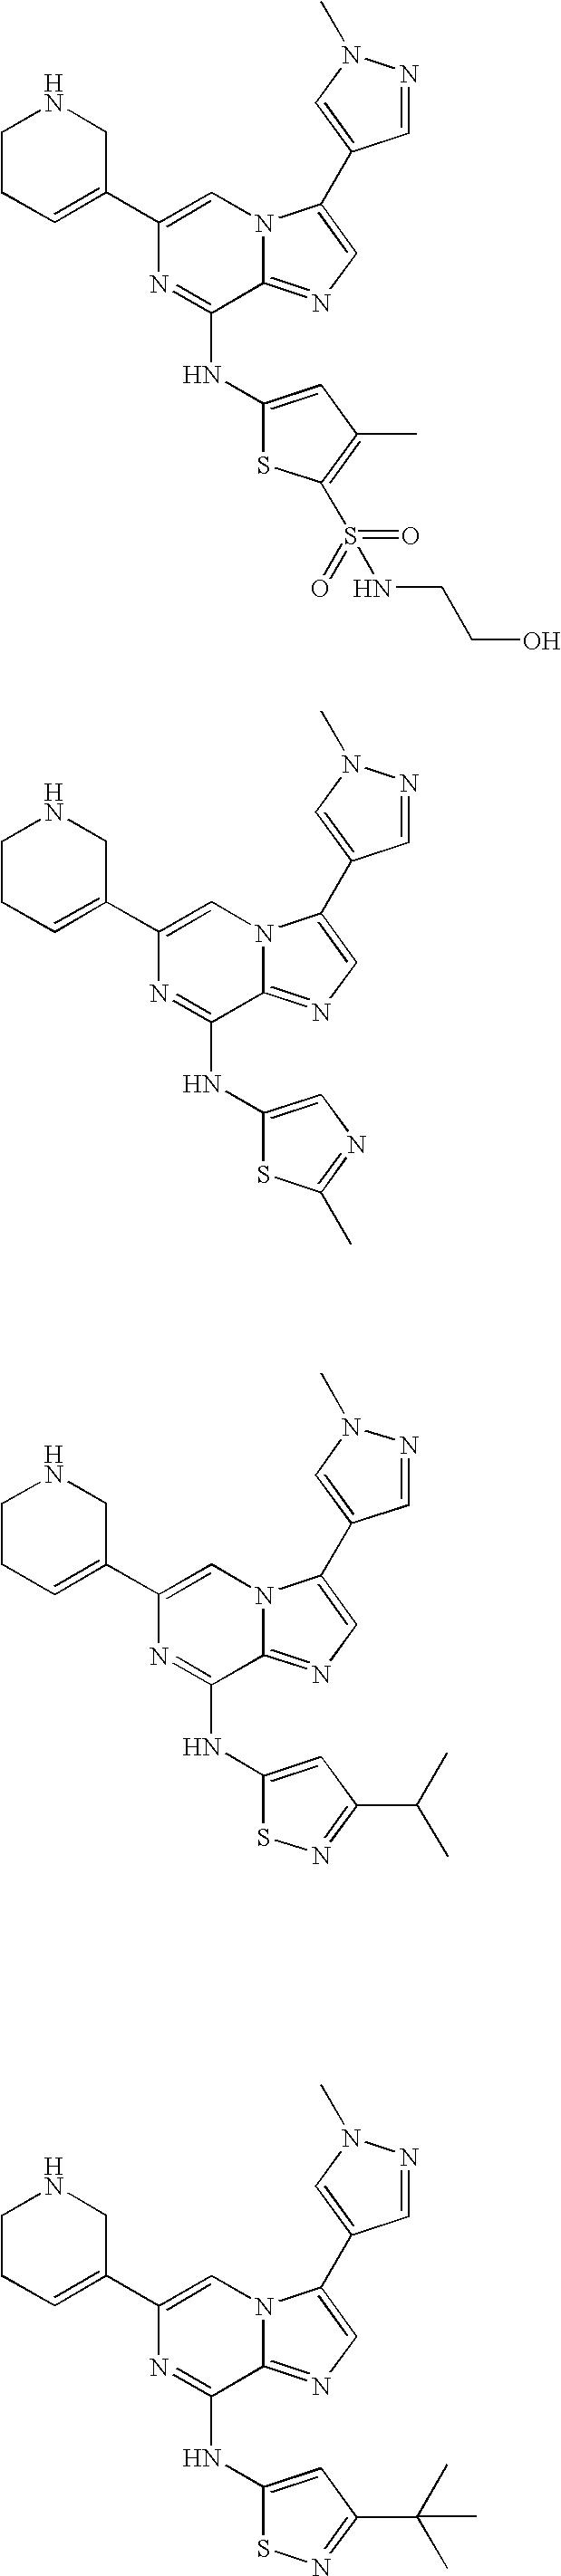 Figure US20070117804A1-20070524-C00074